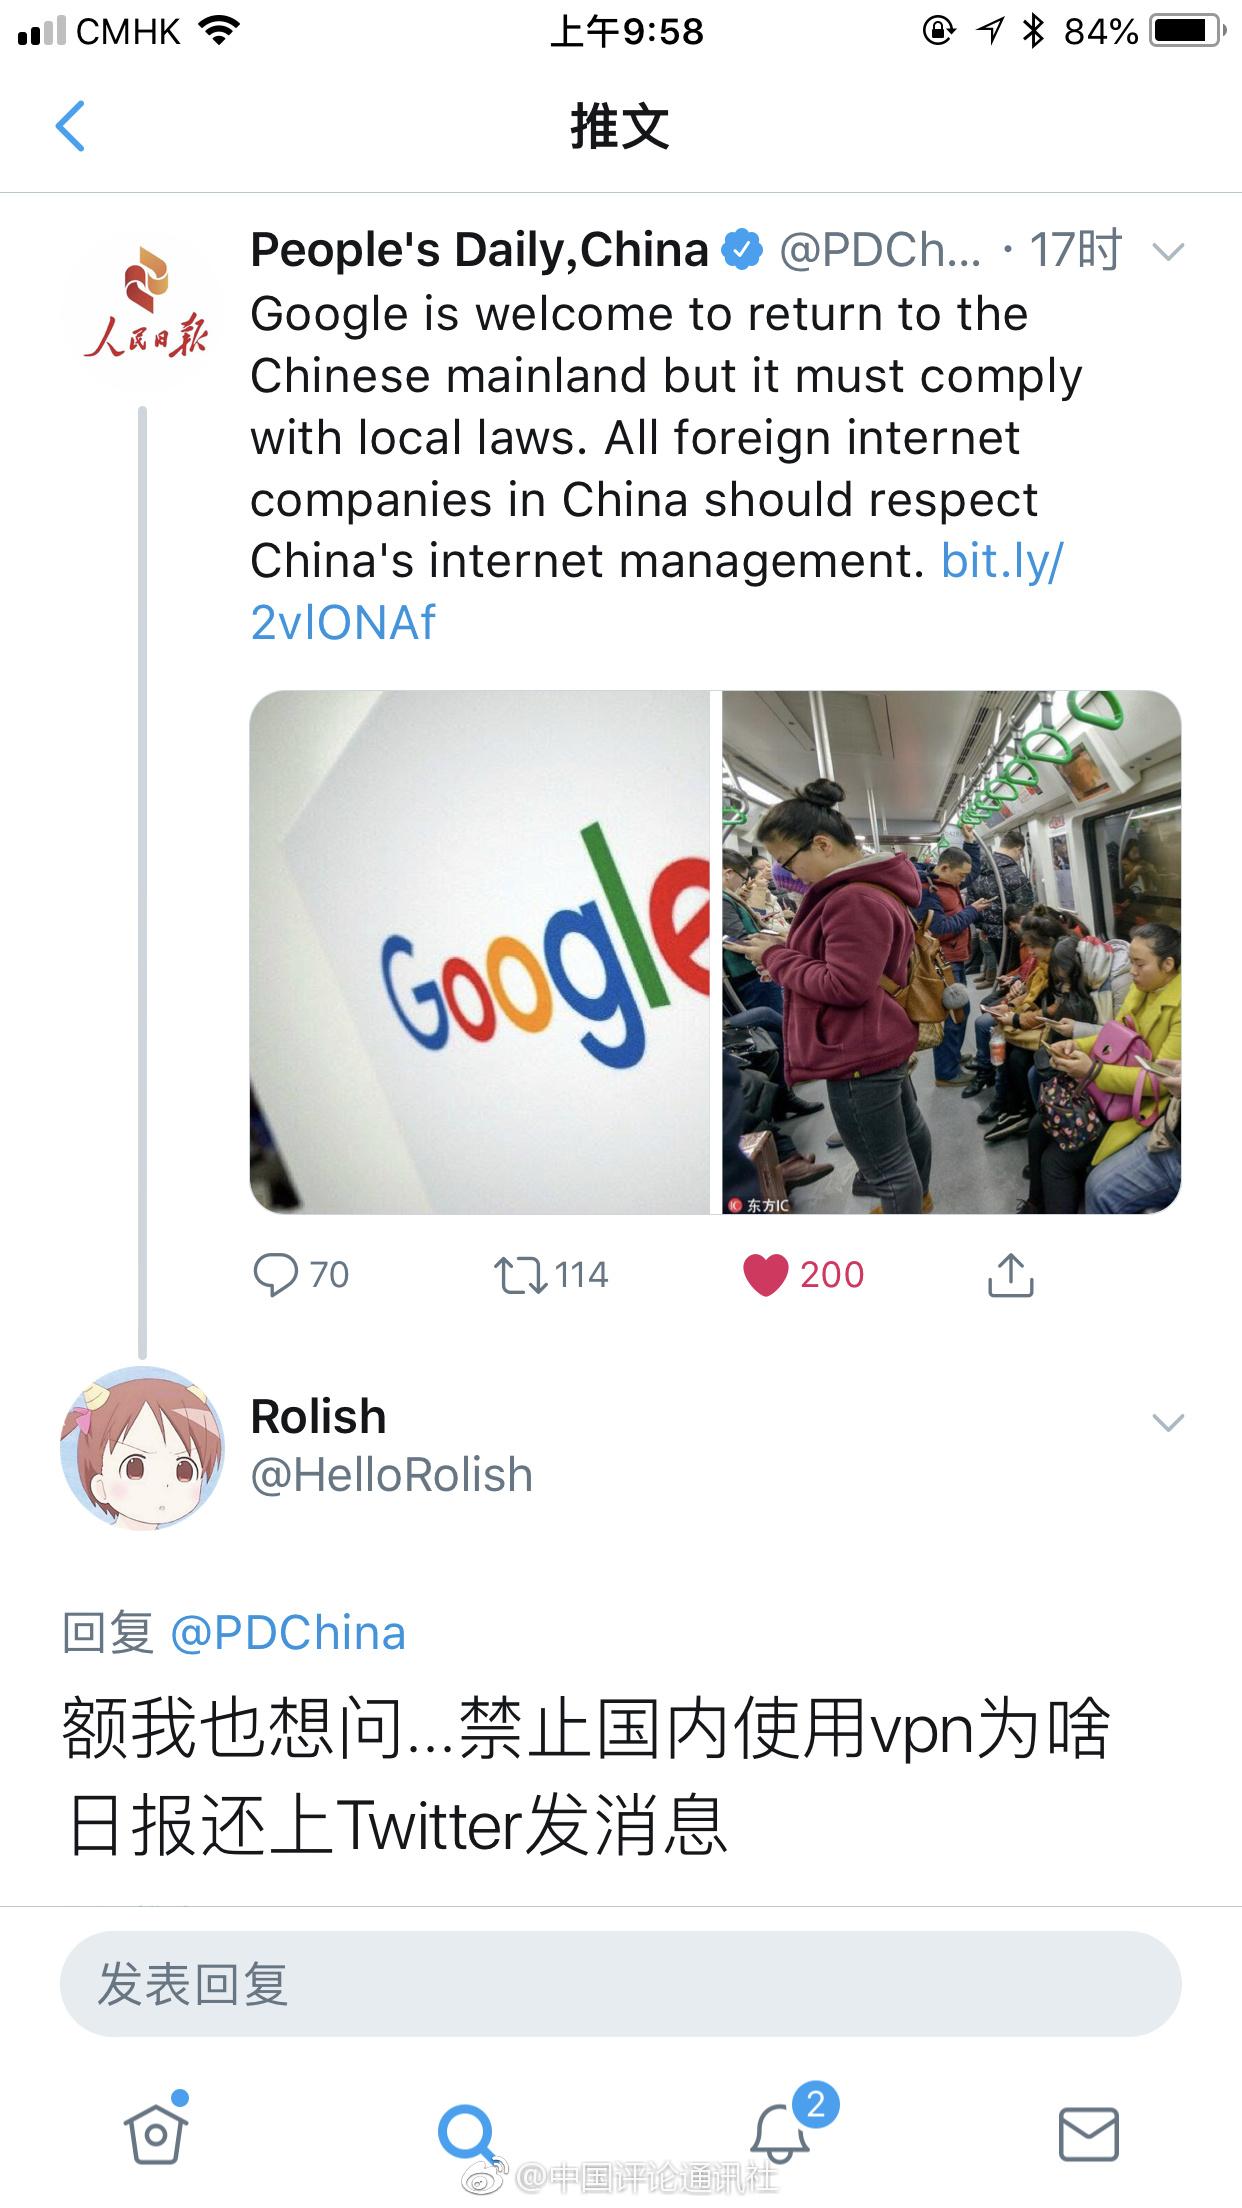 《人民日報》似在海外社交網絡歡迎谷歌回歸,但前提是遵守中國法律。